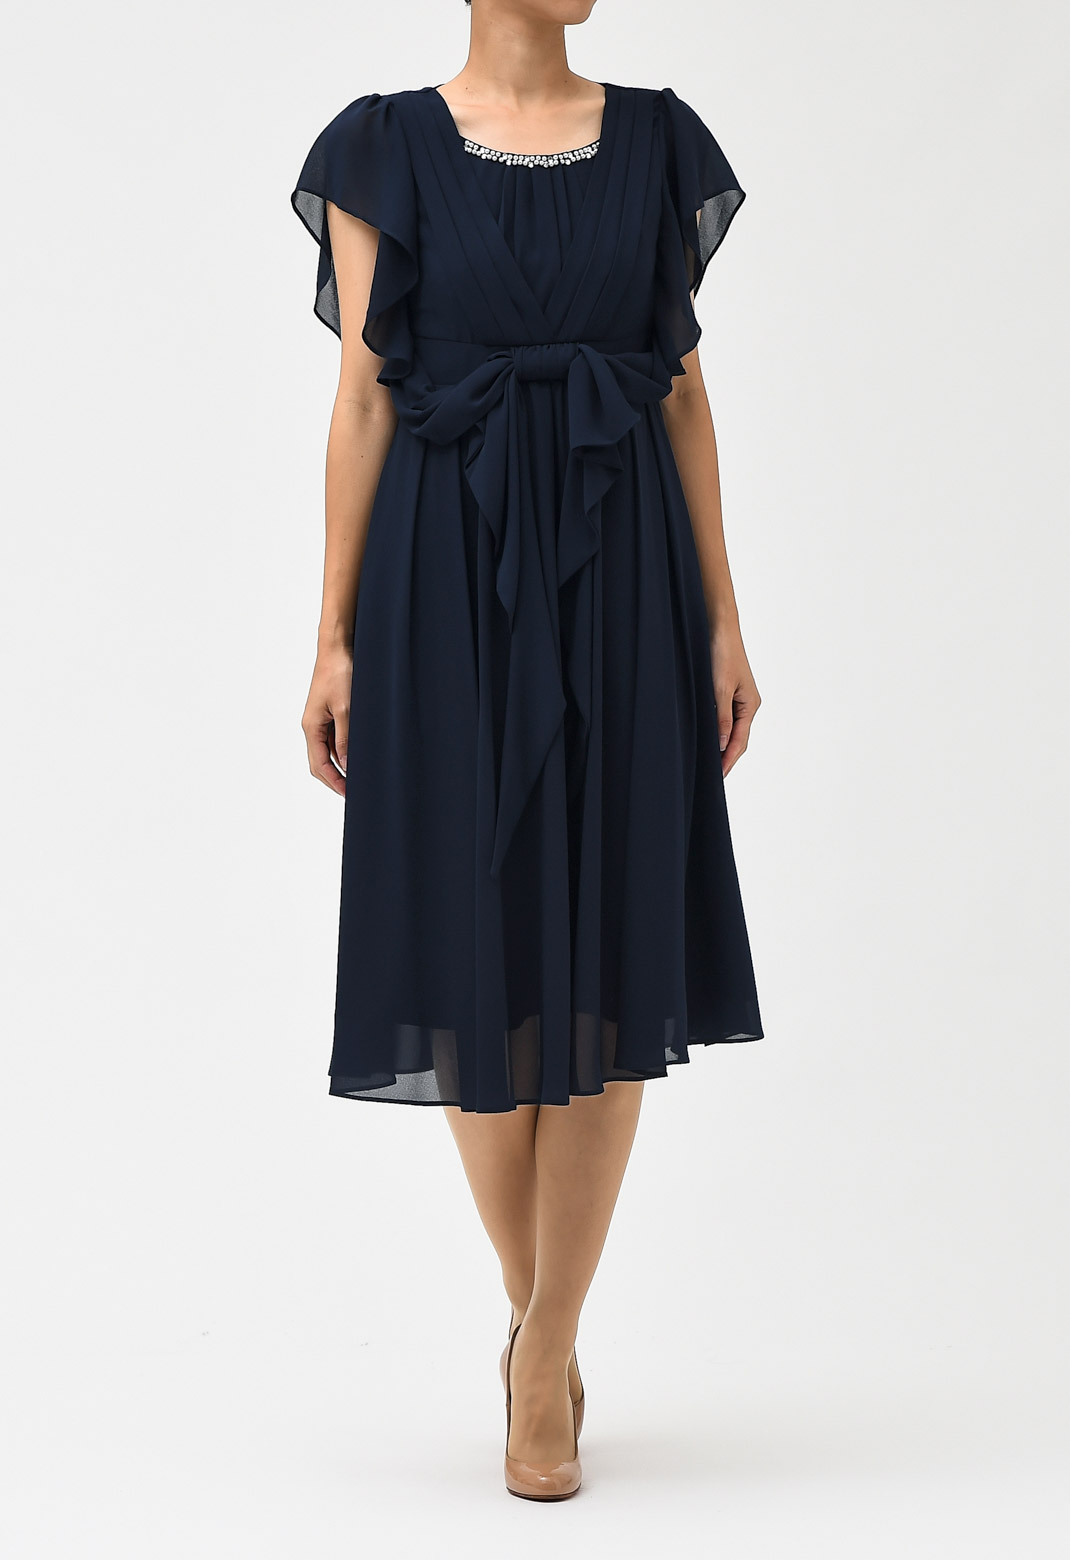 シフォン フリル袖 ビジュー飾り ドレス